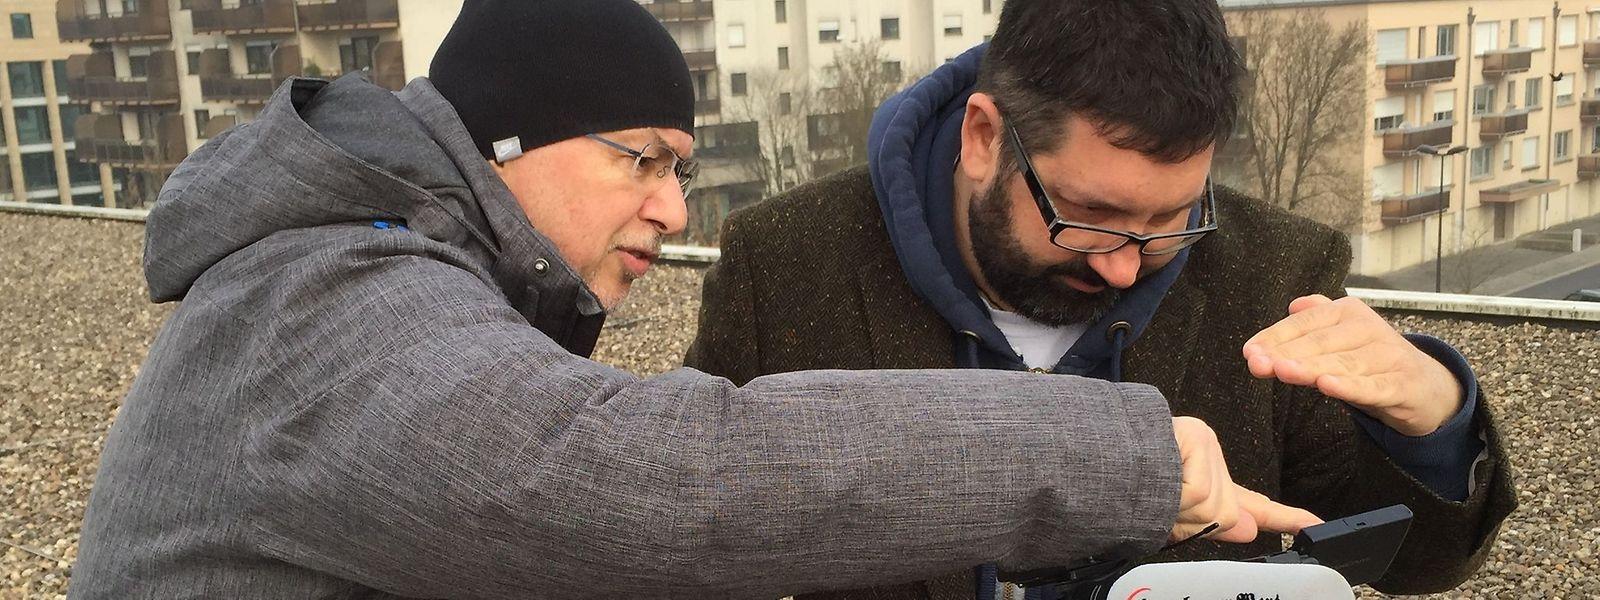 Unser Video-Team im SoFi-Einsatz auf dem Hauptgebäude von Saint-Paul Luxembourg in Gasperich: Germain Weniger und Francis Verquin justieren die Kamera, die mit einem Spezialfilter ausgerüstet ist.